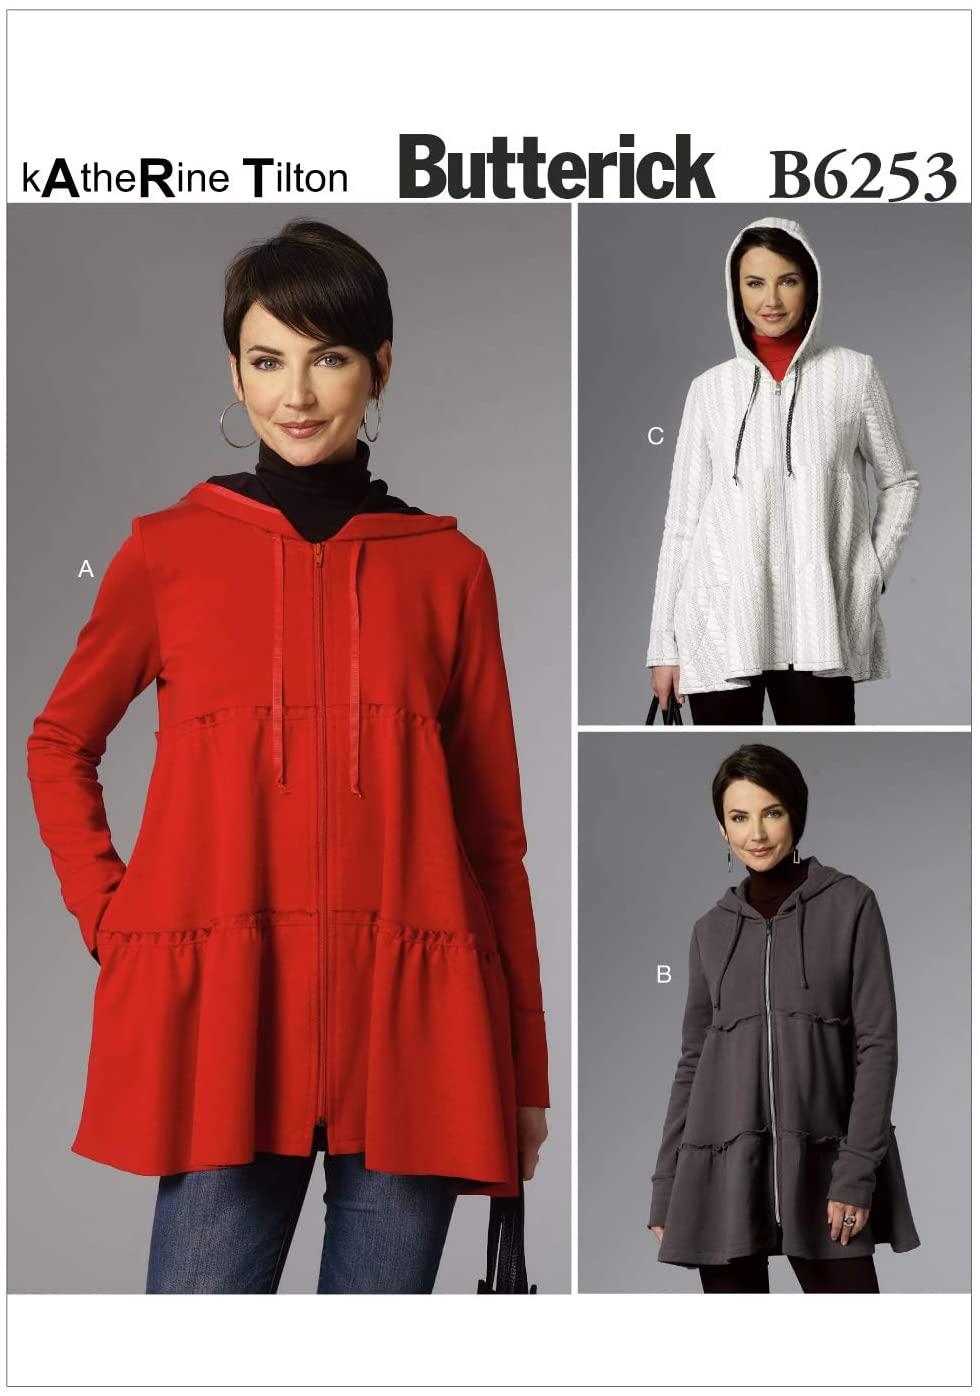 BUTTERICK PATTERNS B62530Y0 Misses Jacket, Y (XSM-SML-MED)